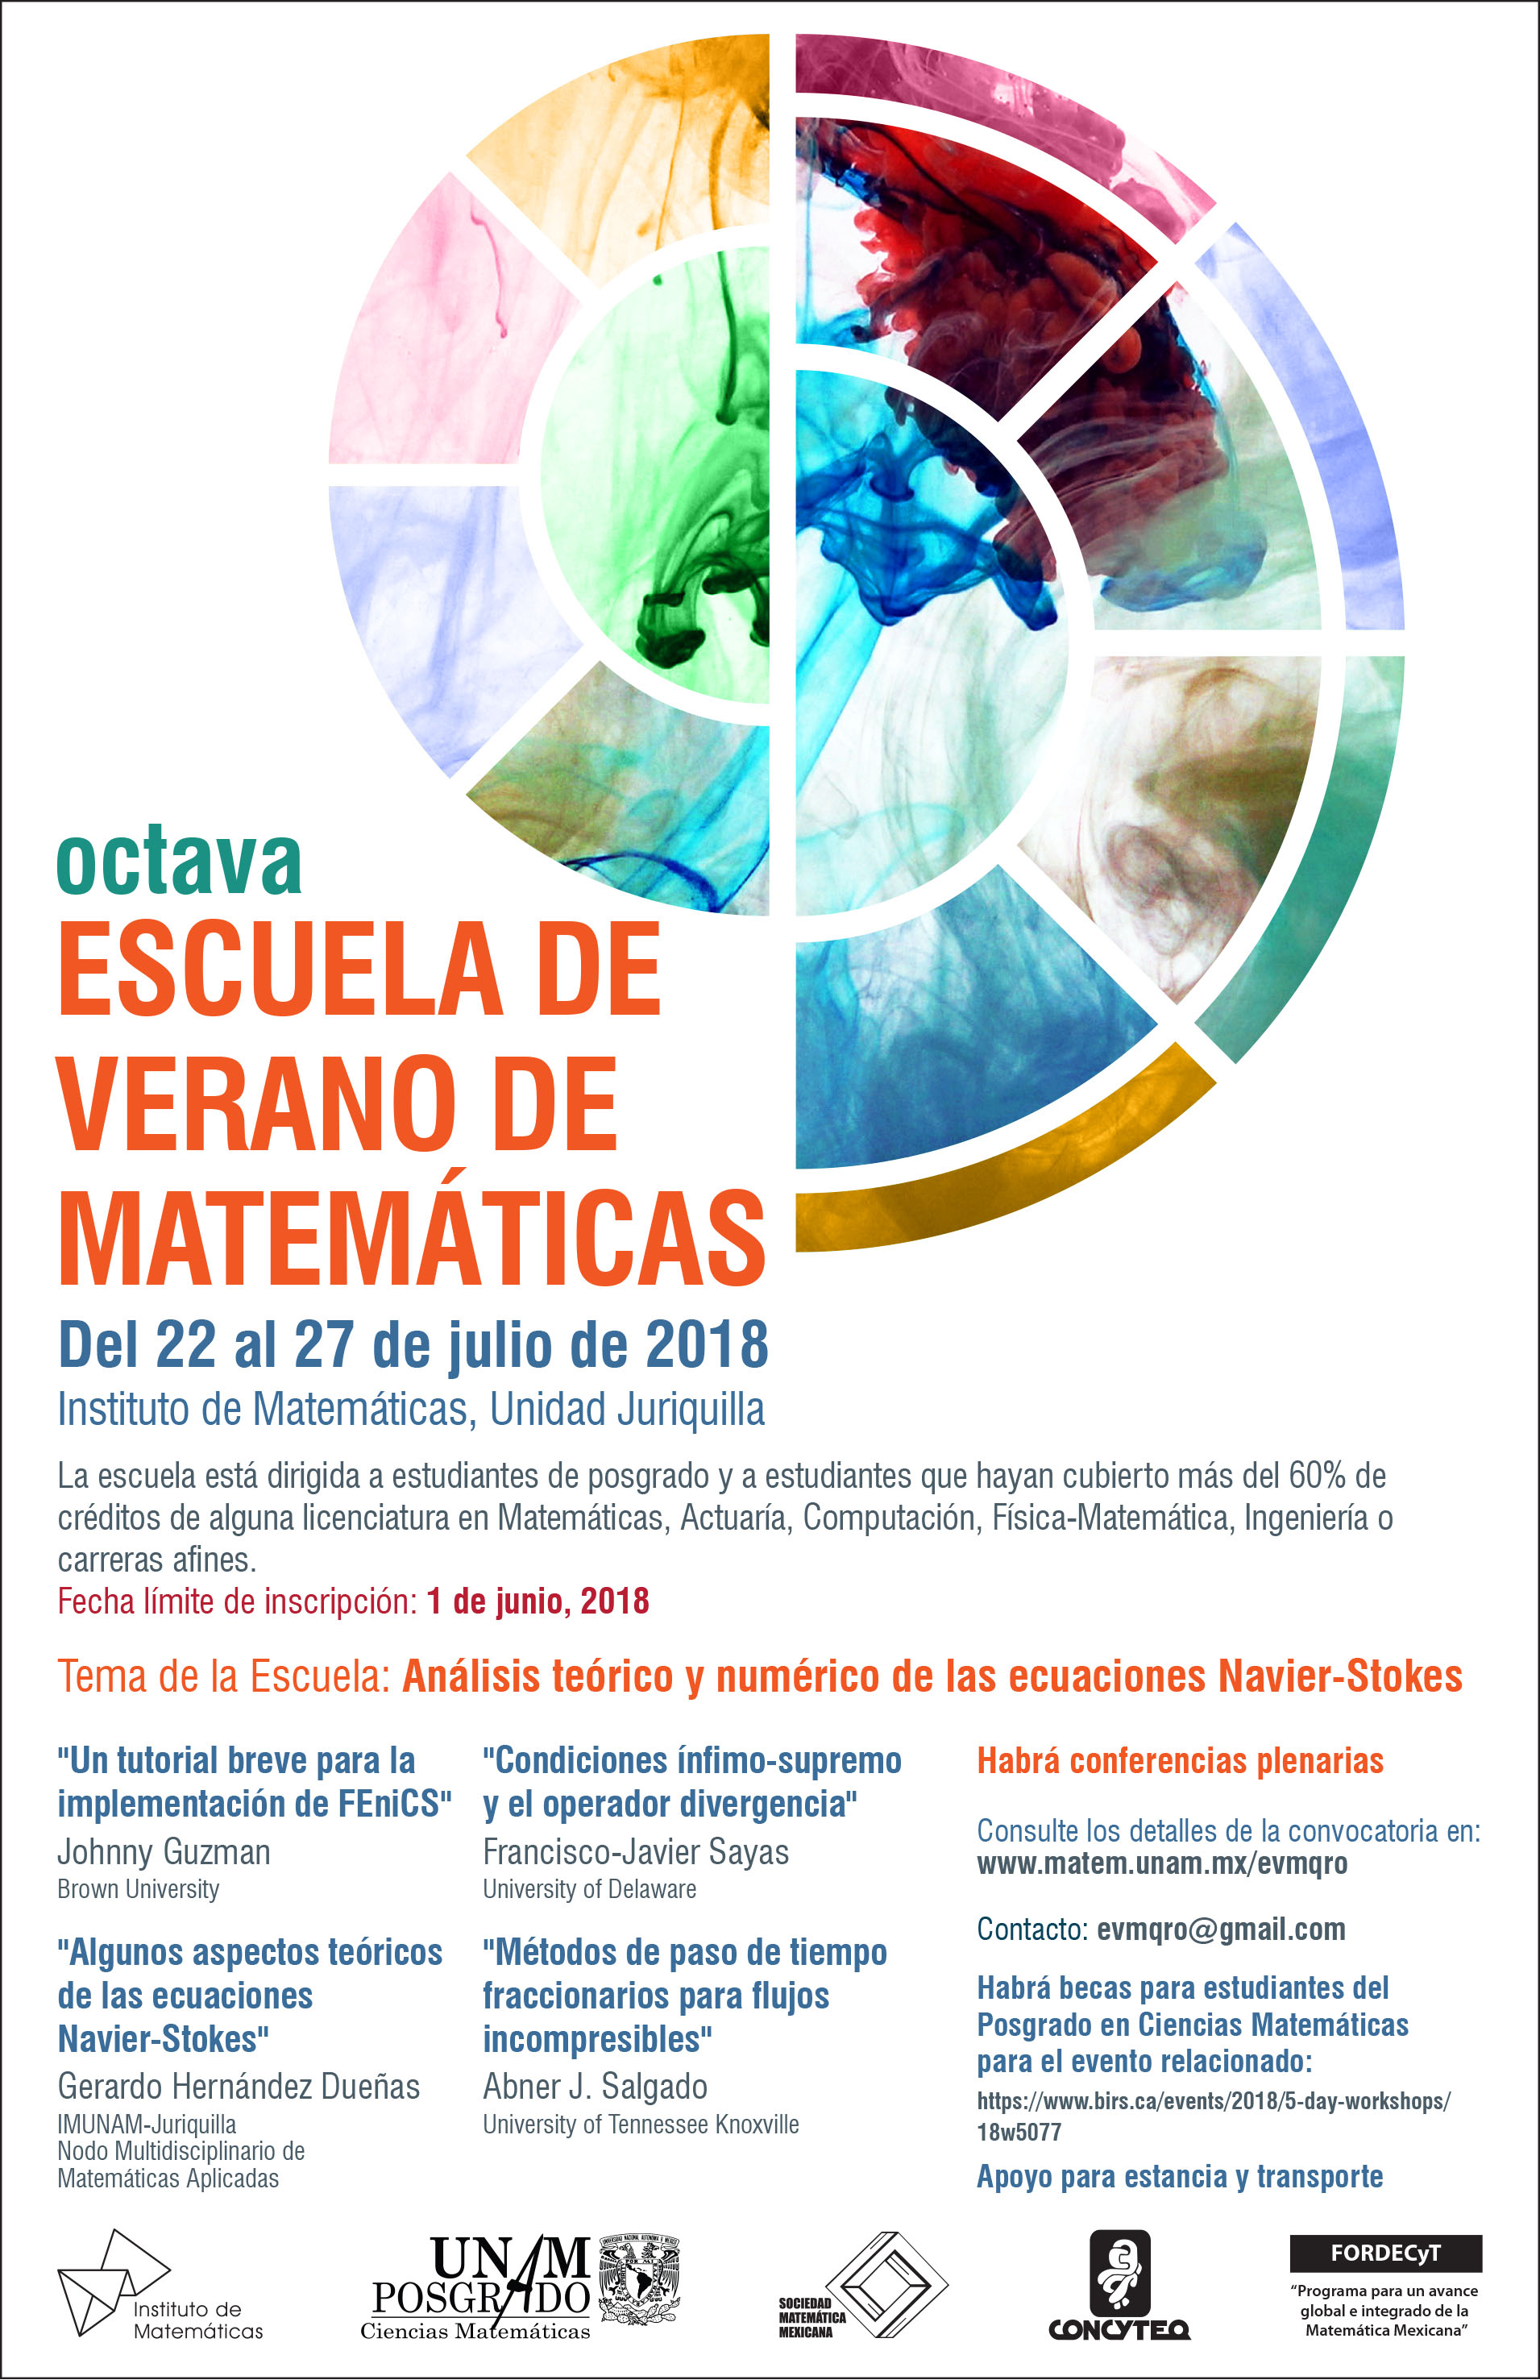 Octava Escuela de Verano de Matemáticas